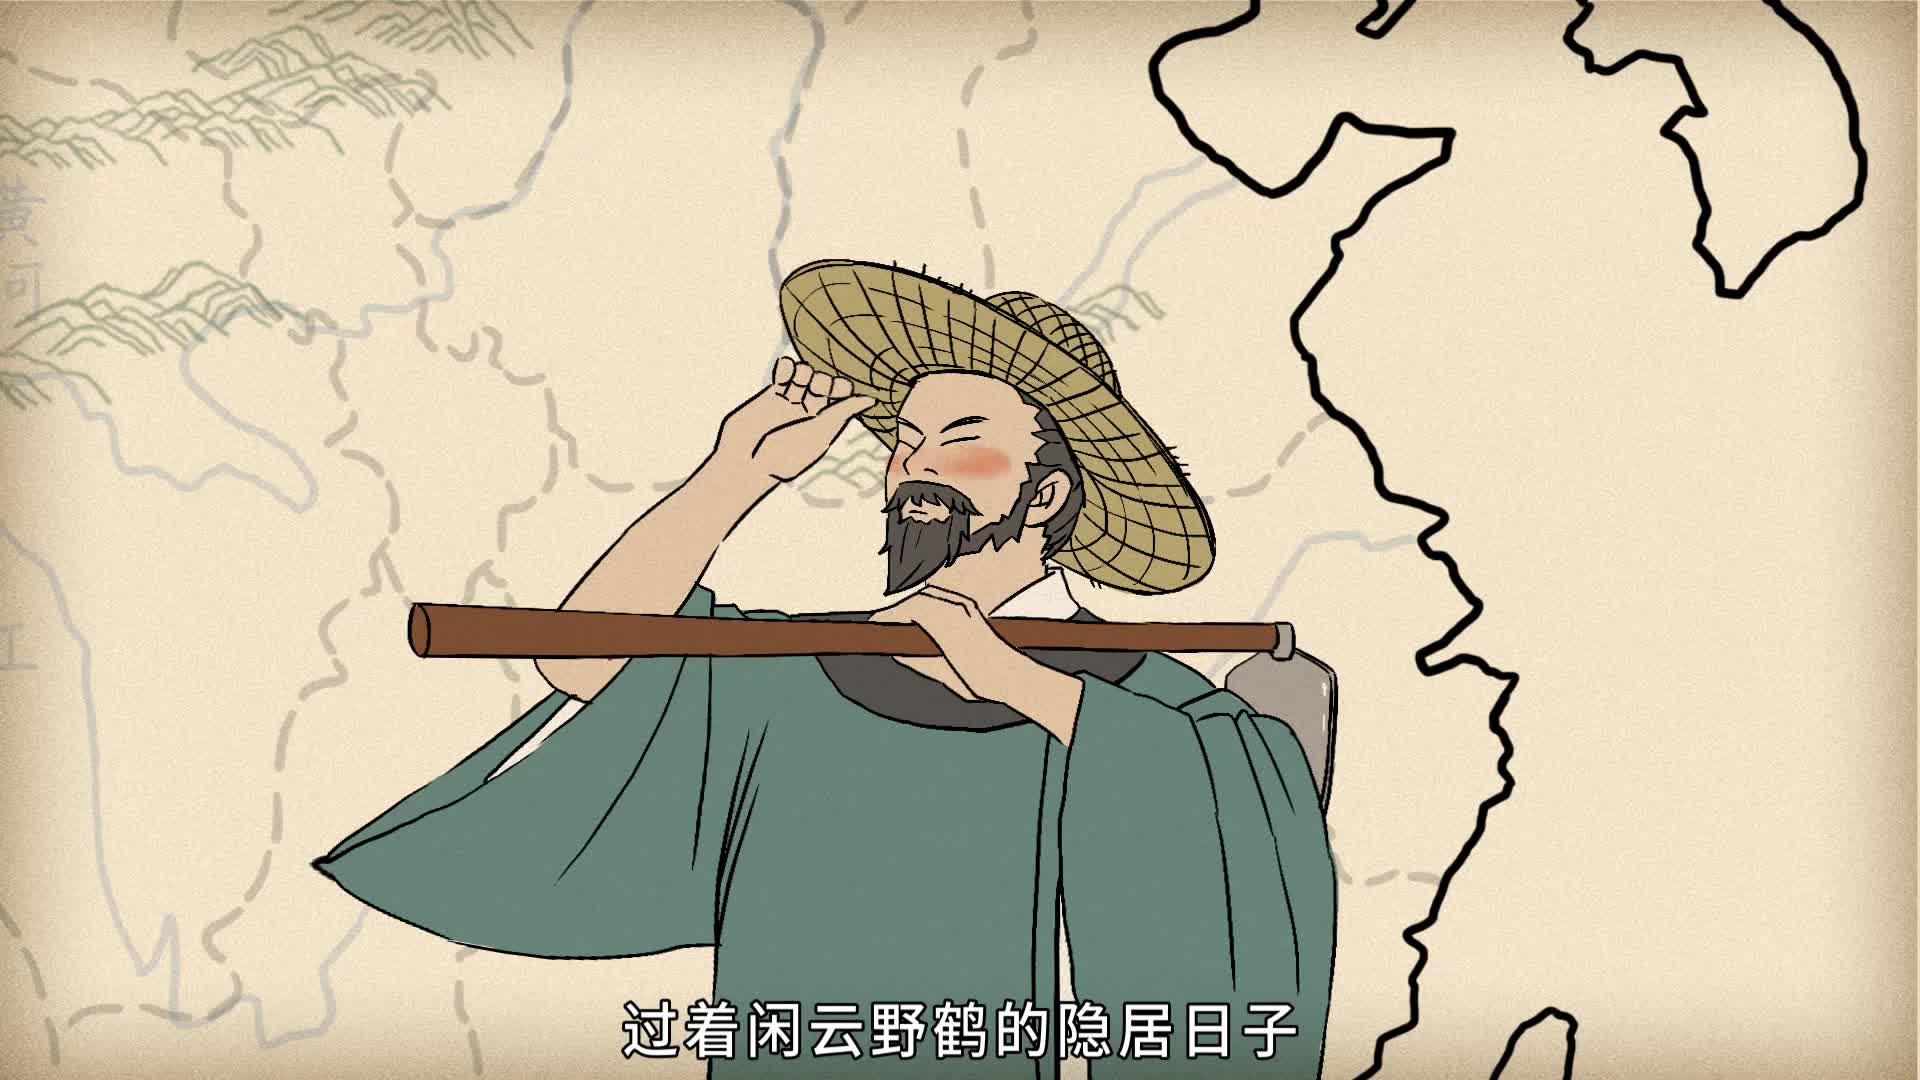 《小学古诗》08春晓-唐 孟浩然